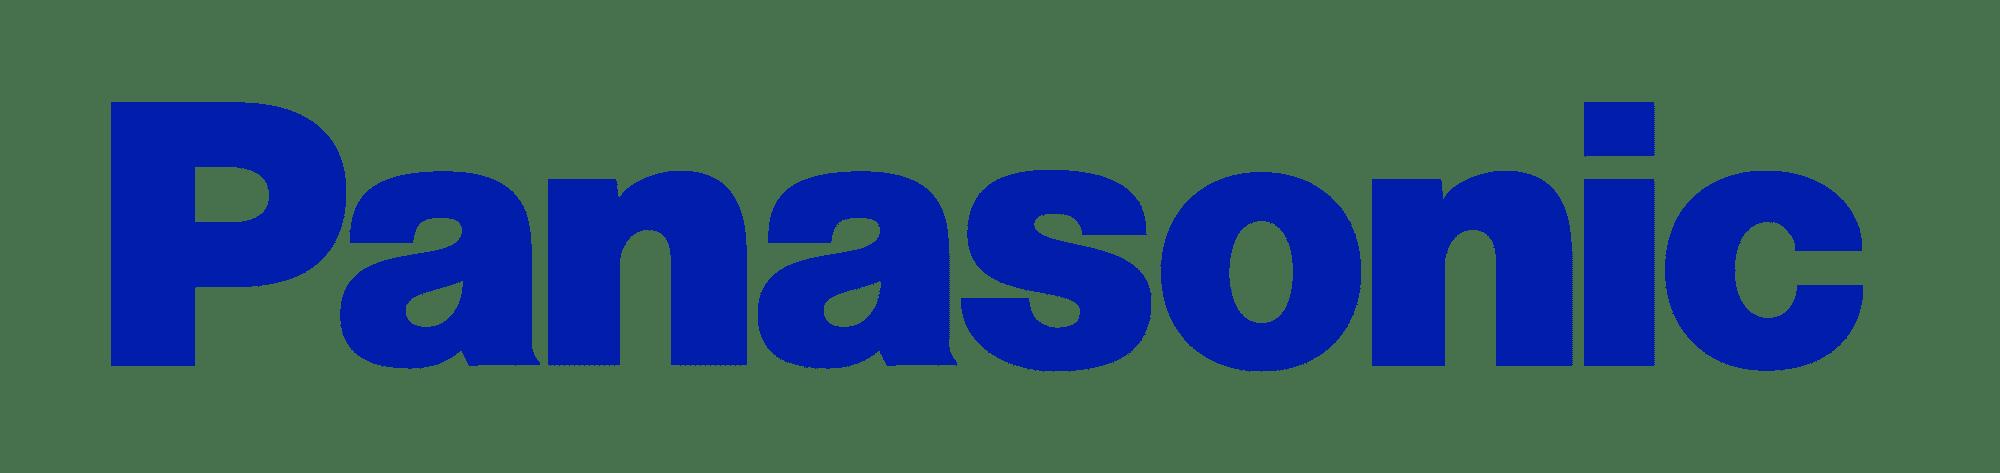 Официальный логотип Panasonic